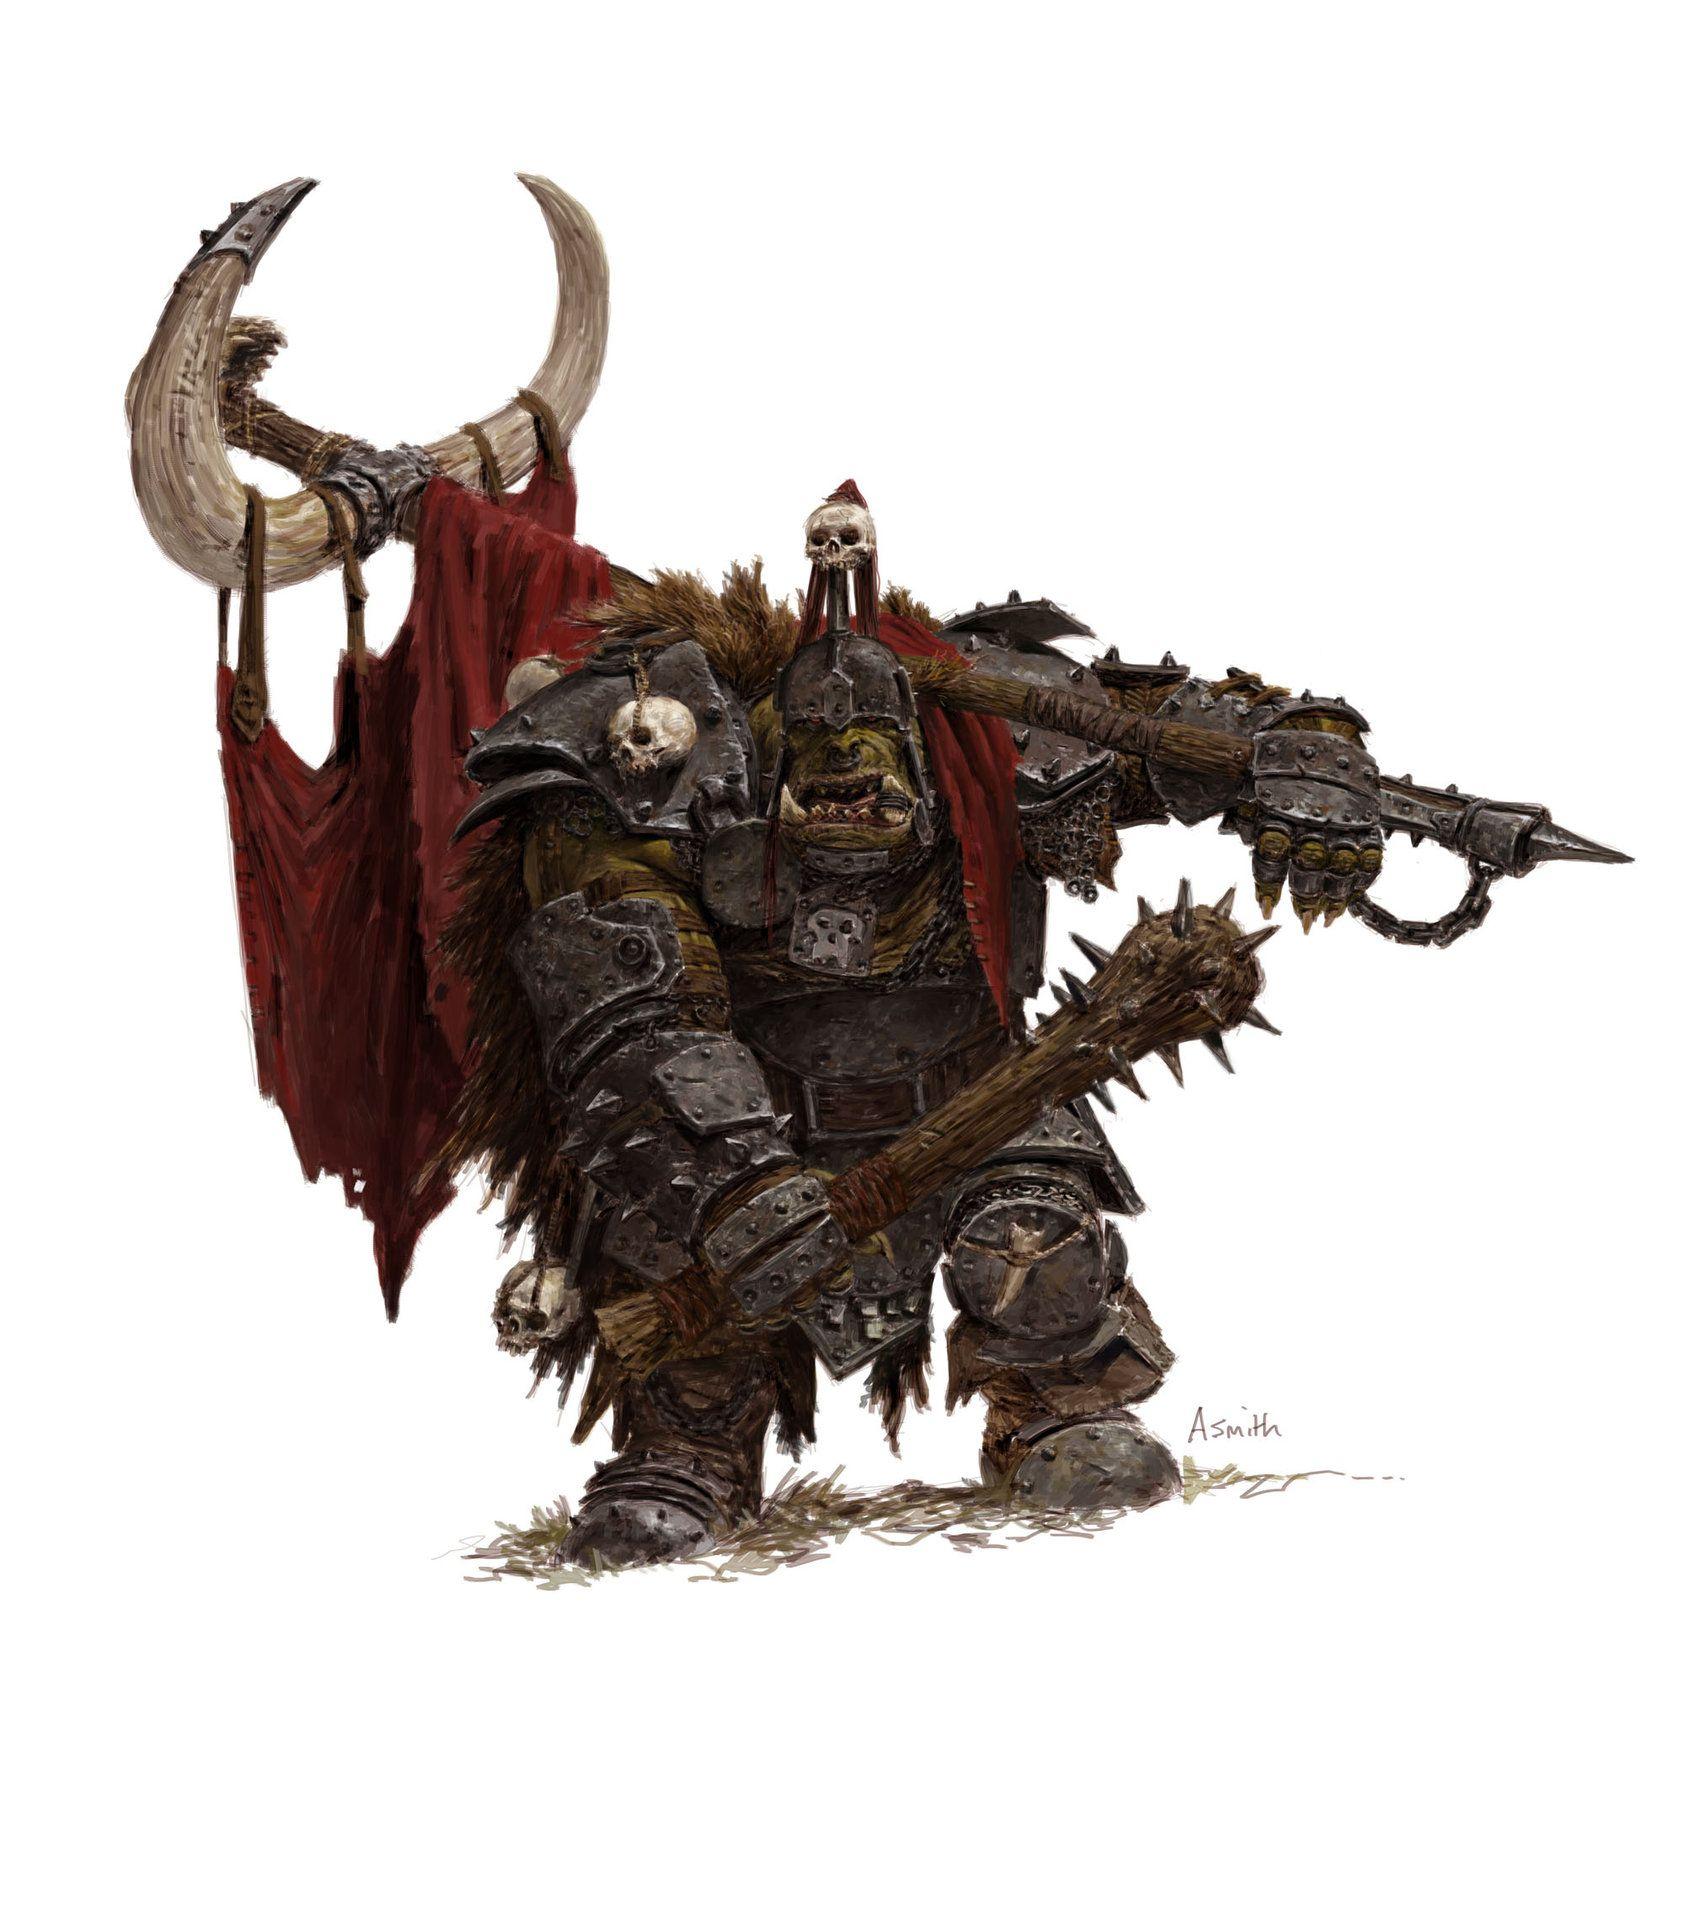 Forgeworld Games Workshop Concept Orc Biggun Standard Adrian Smith Warhammer Fantasy Warhammer Fantasy Roleplay Warhammer